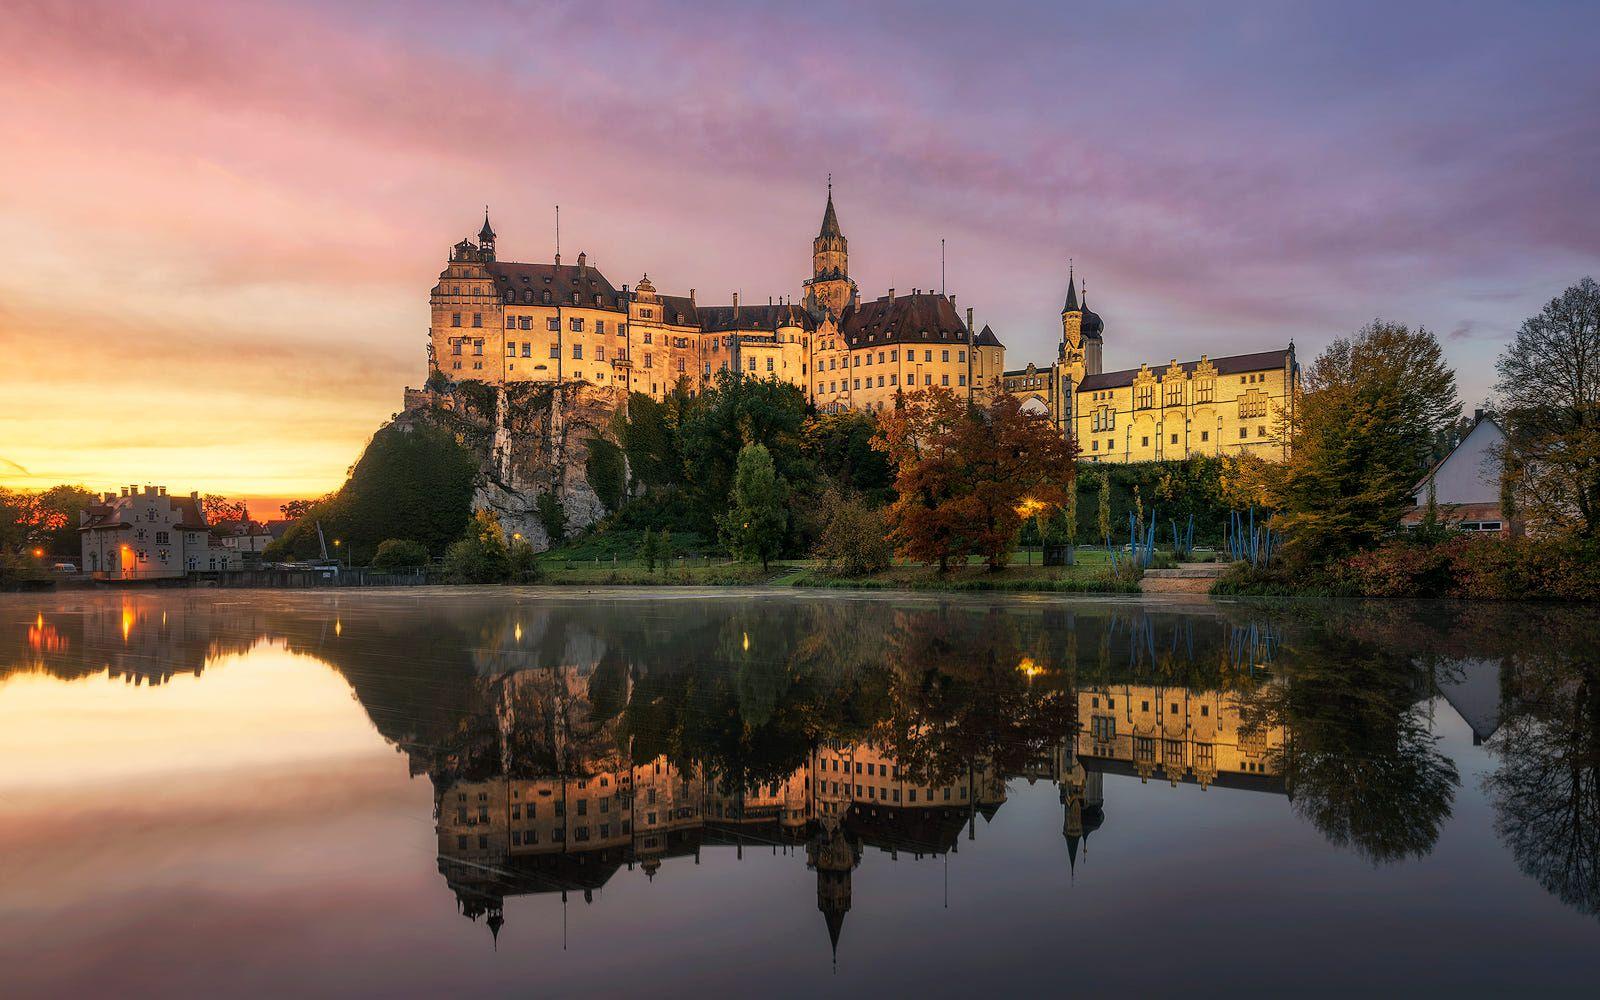 A Href Http Www Pascalschirmer De Homepage A A Href Http Www Instagram Com Pascalschirmer De Instagram A Schloss Sigmaringen Instagram Burg